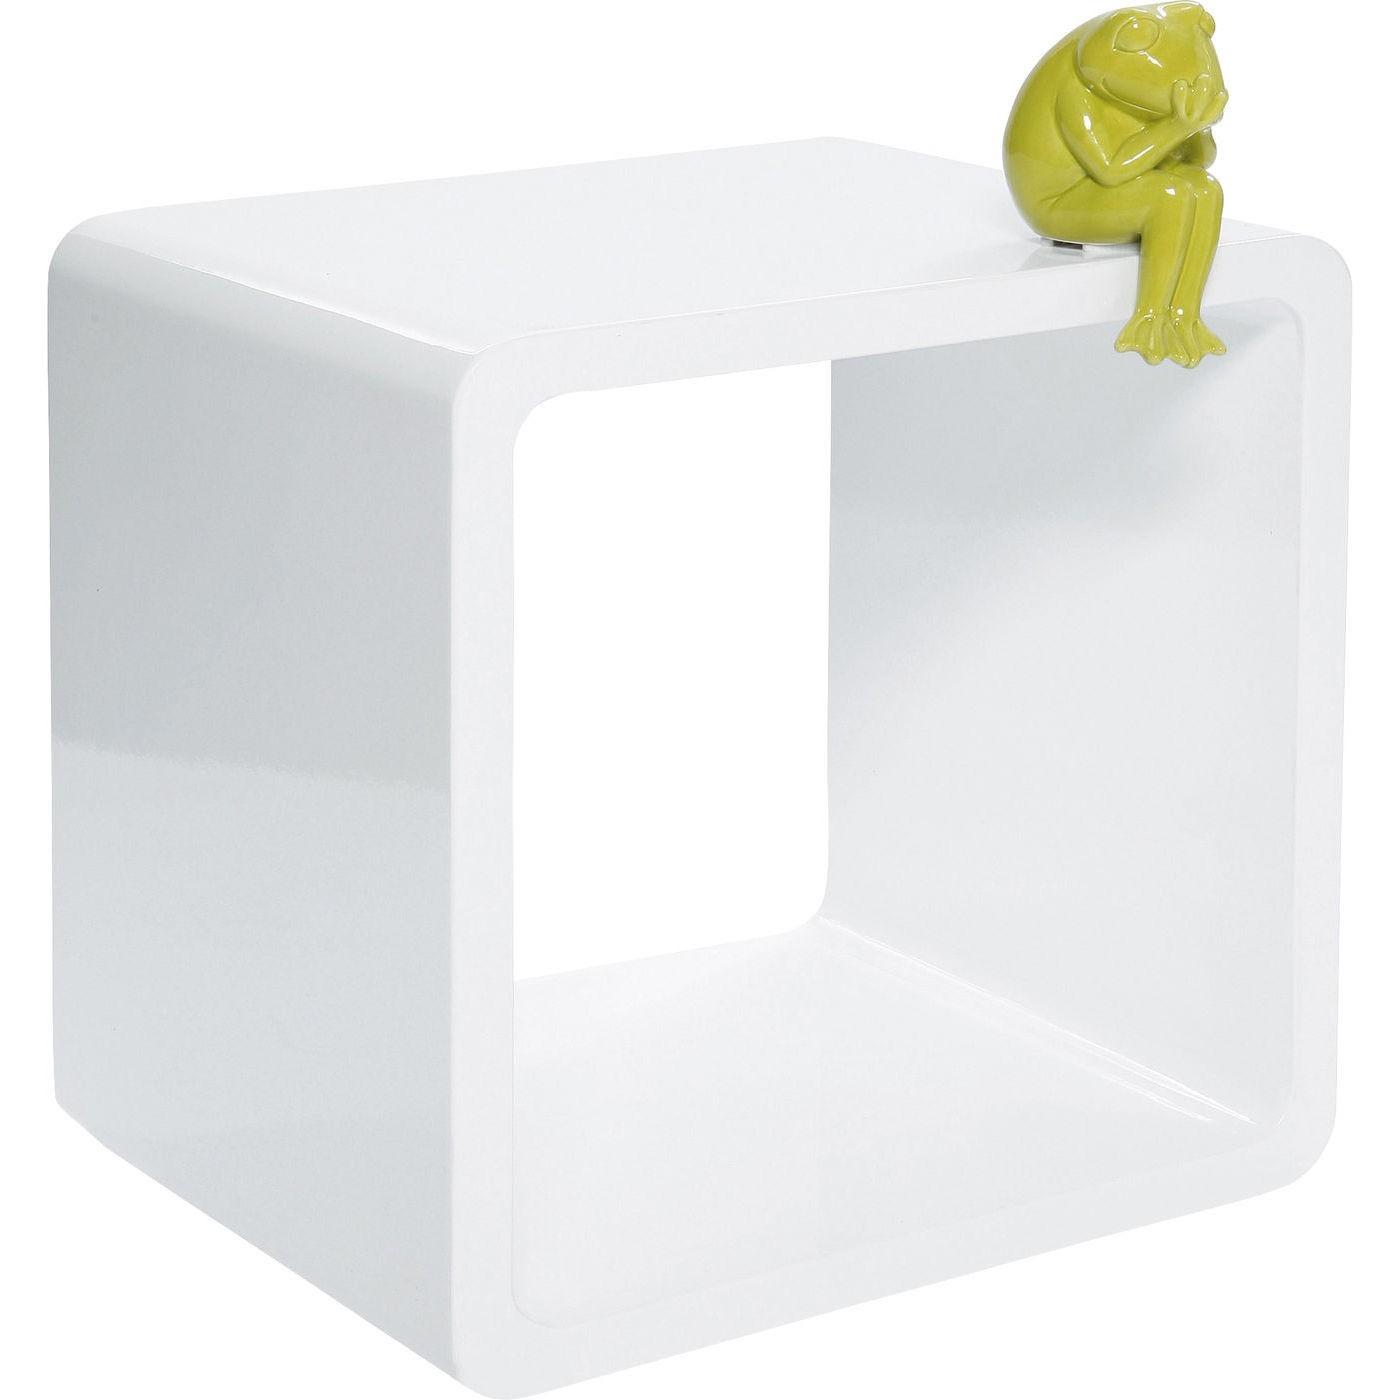 Cube Lounge blanc Kare Design